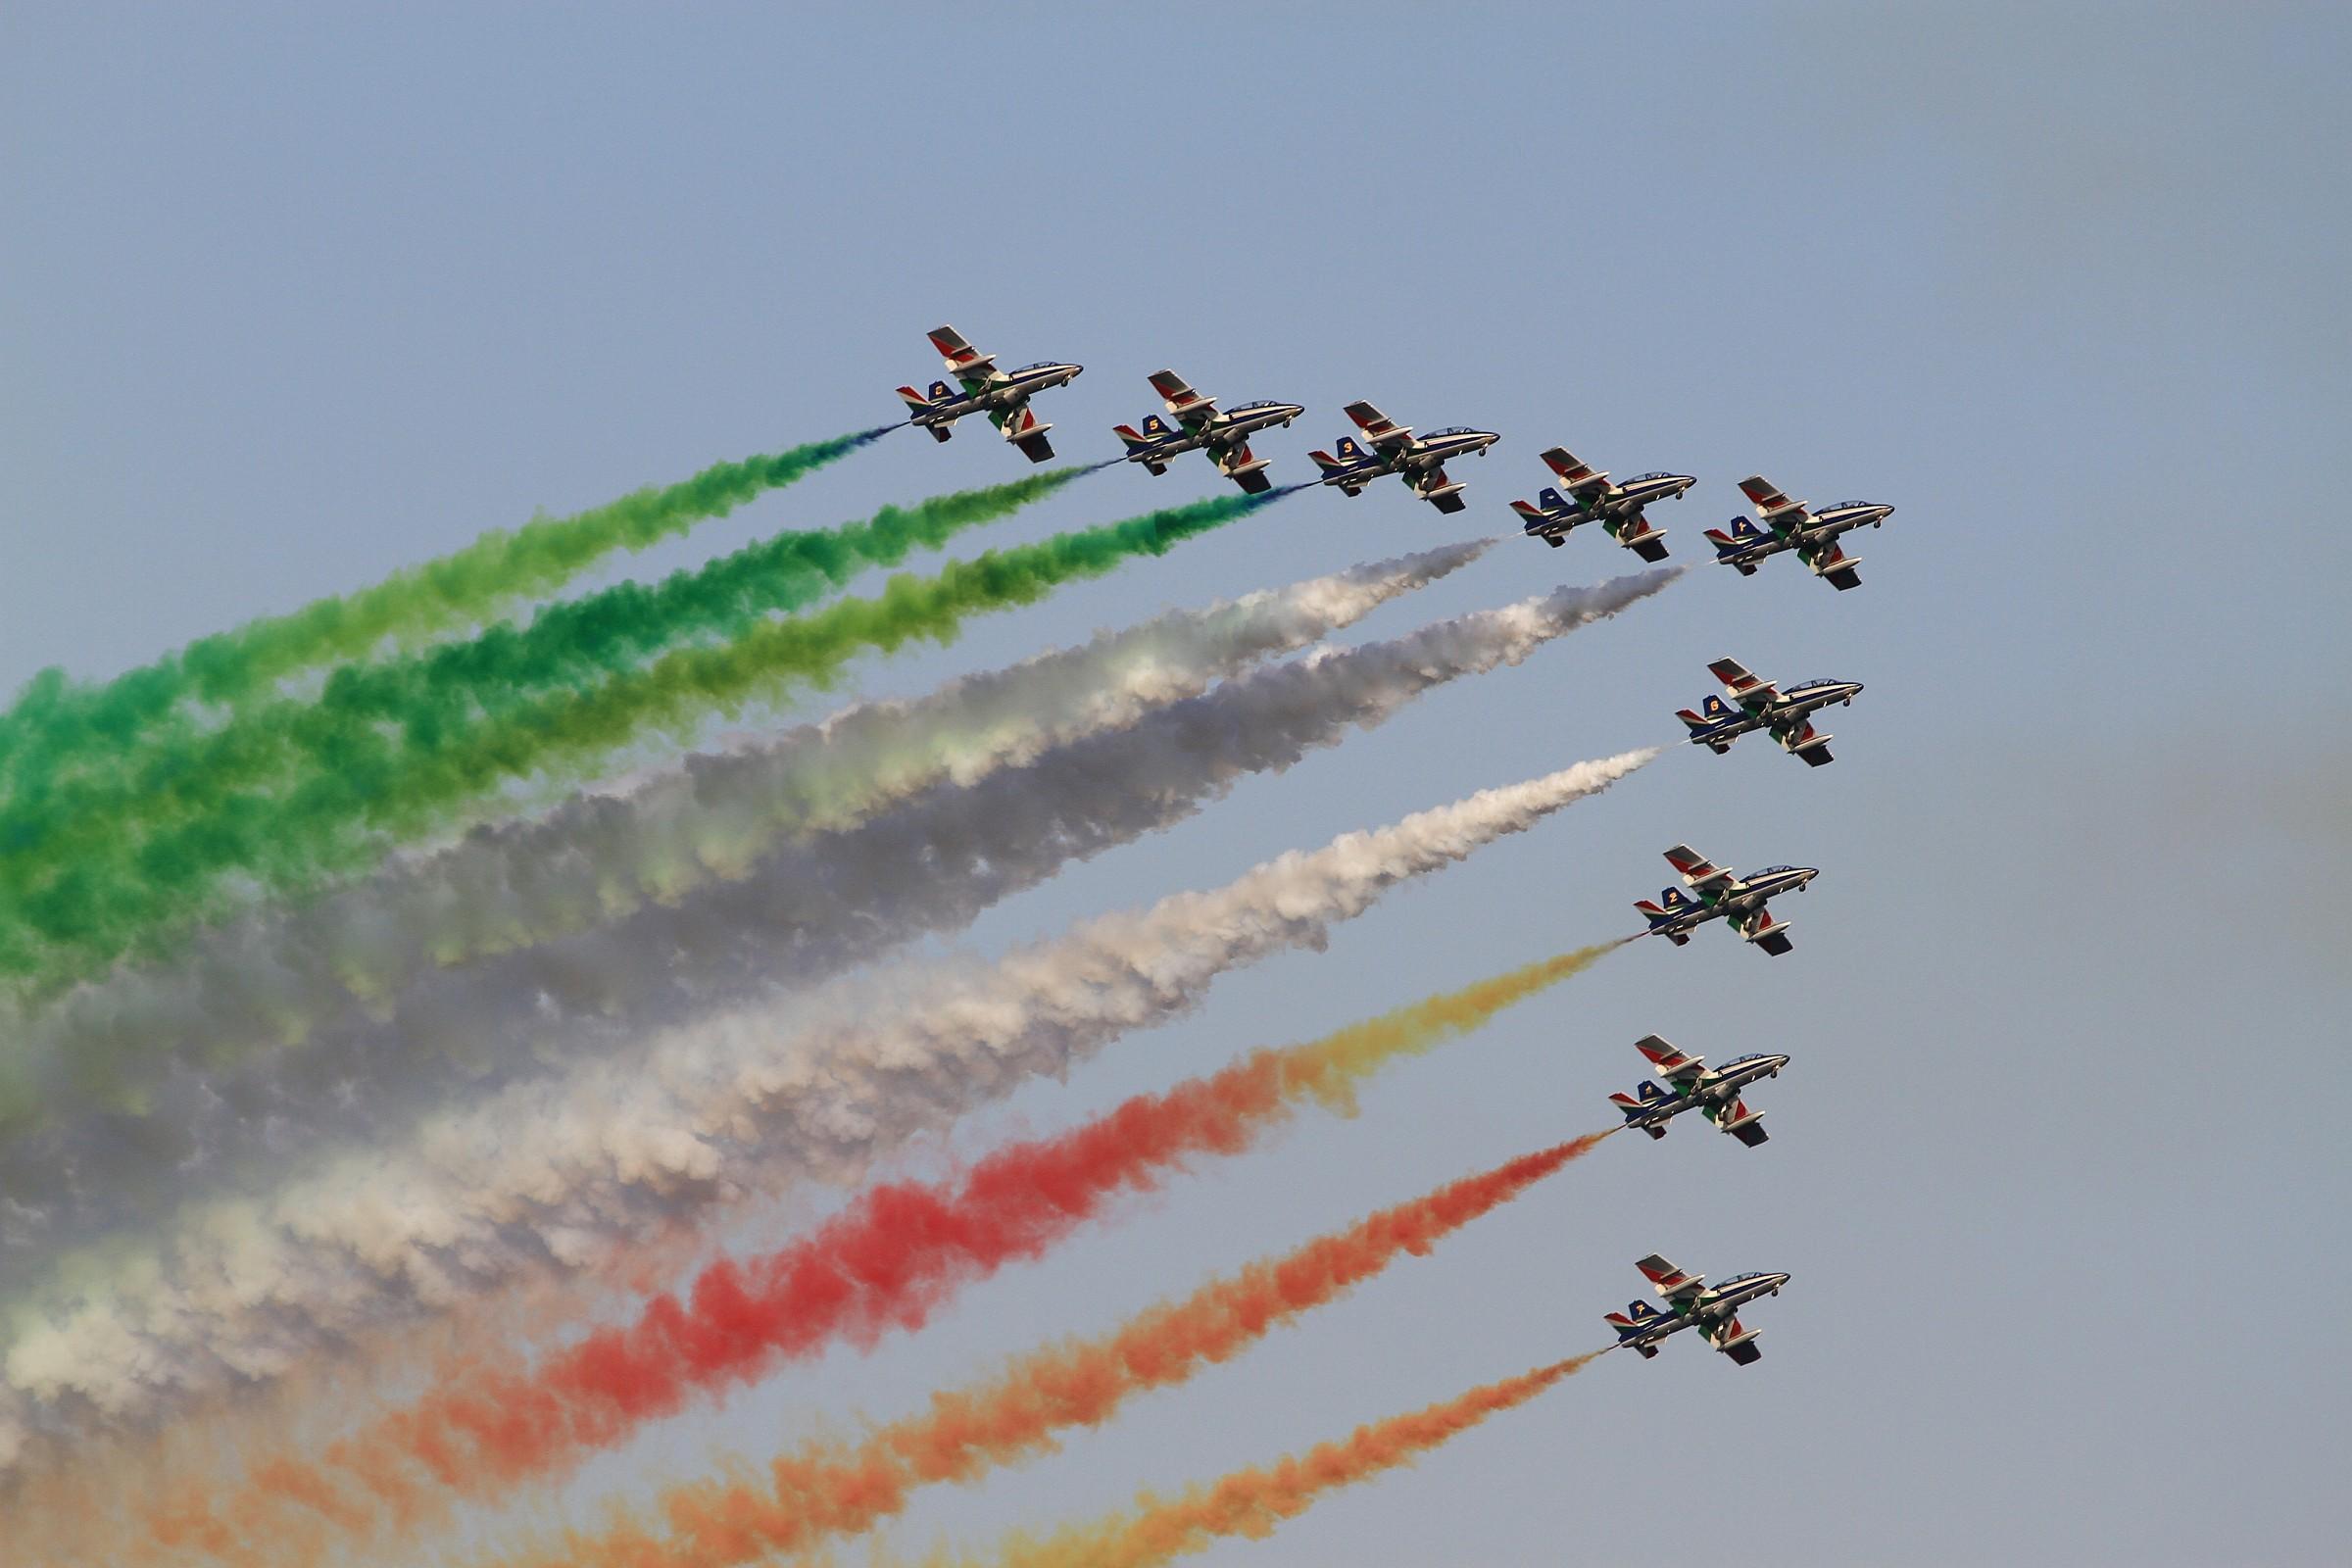 The Tricolore 3...